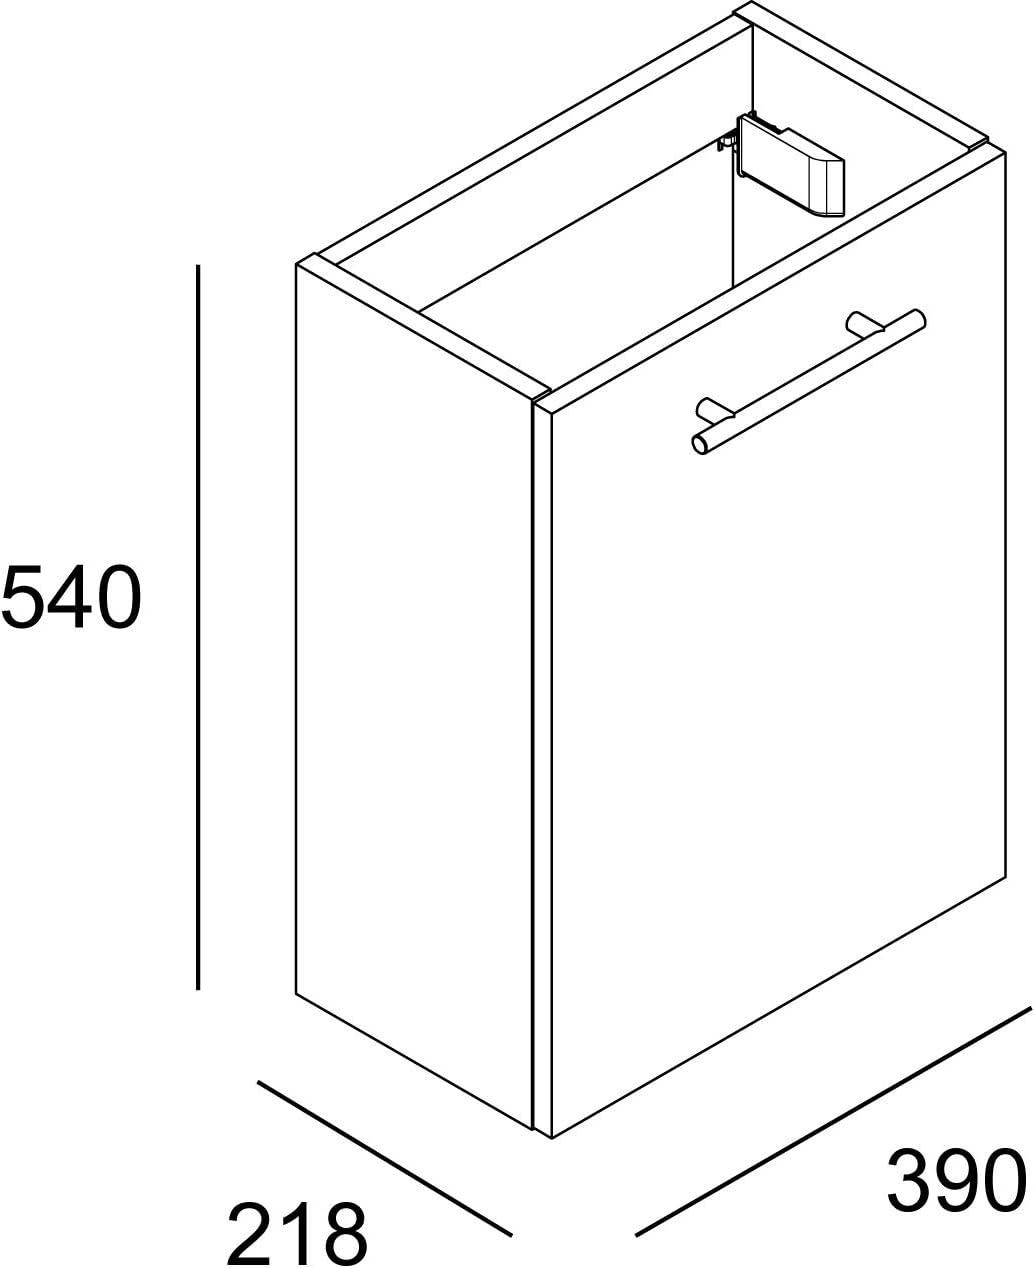 Mobiletto bagno sospeso Cygnus Mini Bath 54 x 39 x 21.8 cm Bianco laccato 1 porta con chiusura progressiva